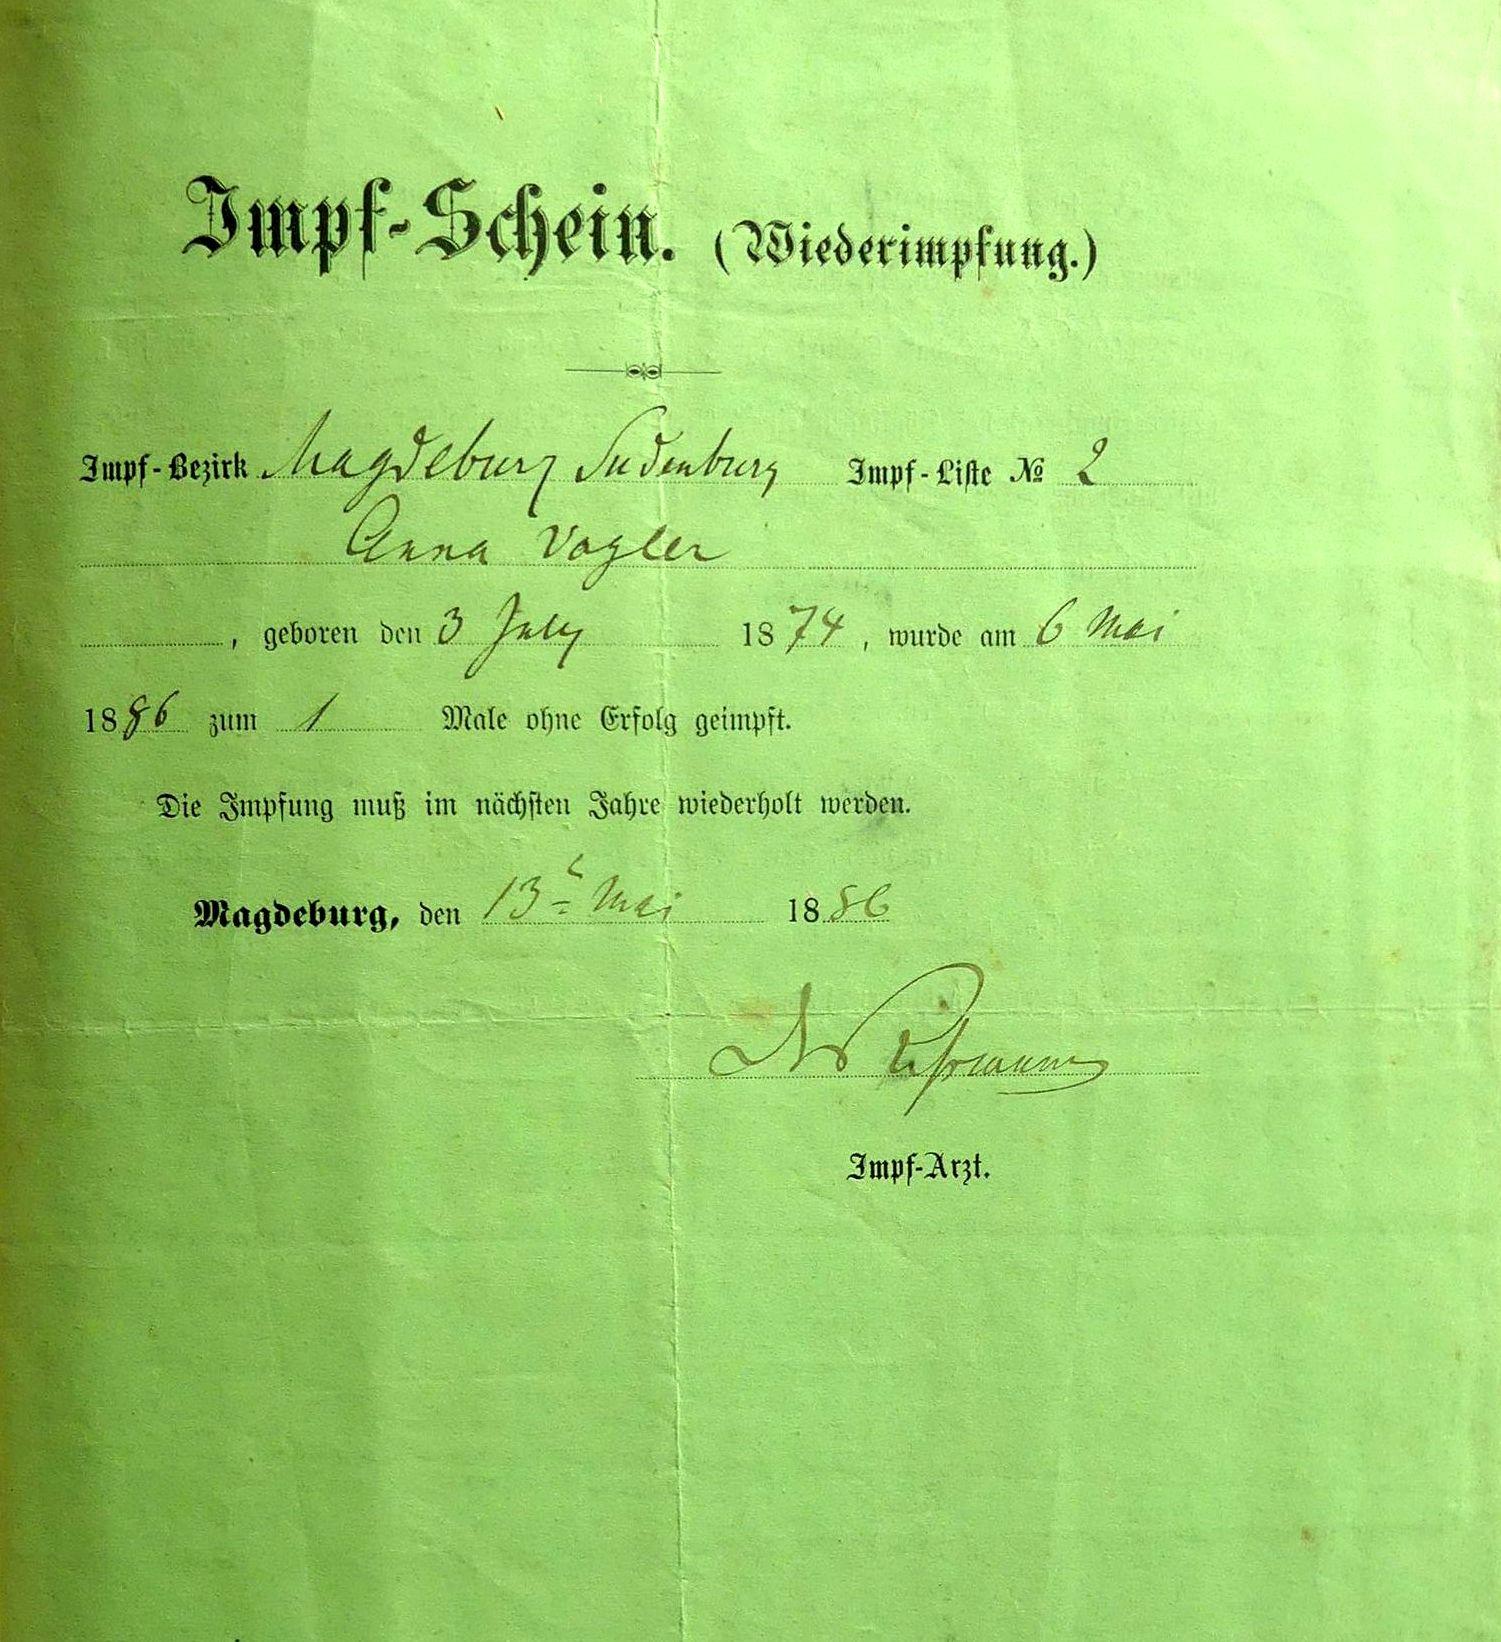 Imfung 1886